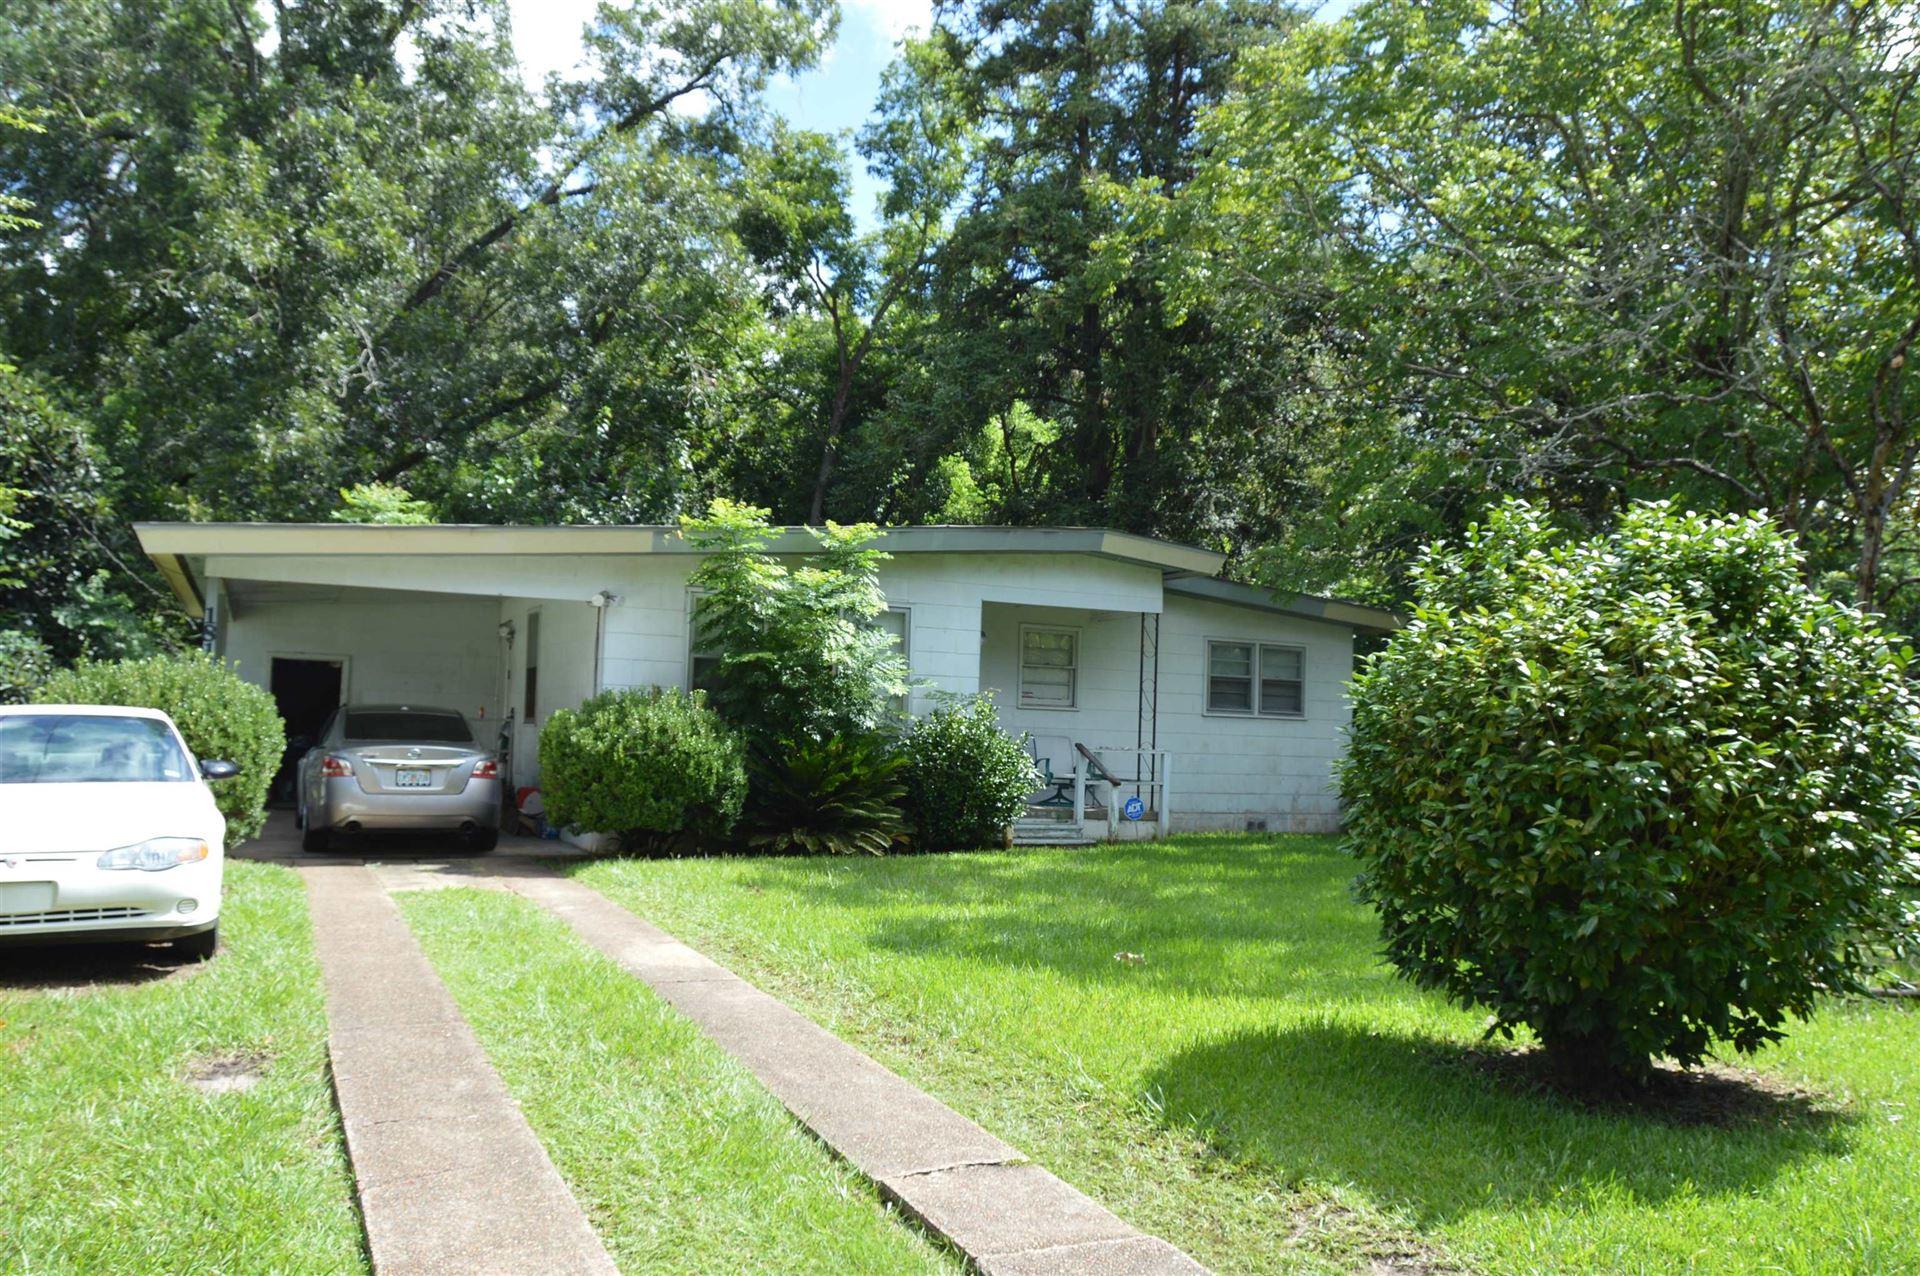 Photo of 1814 Tyndall Drive, TALLAHASSEE, FL 32304 (MLS # 336241)